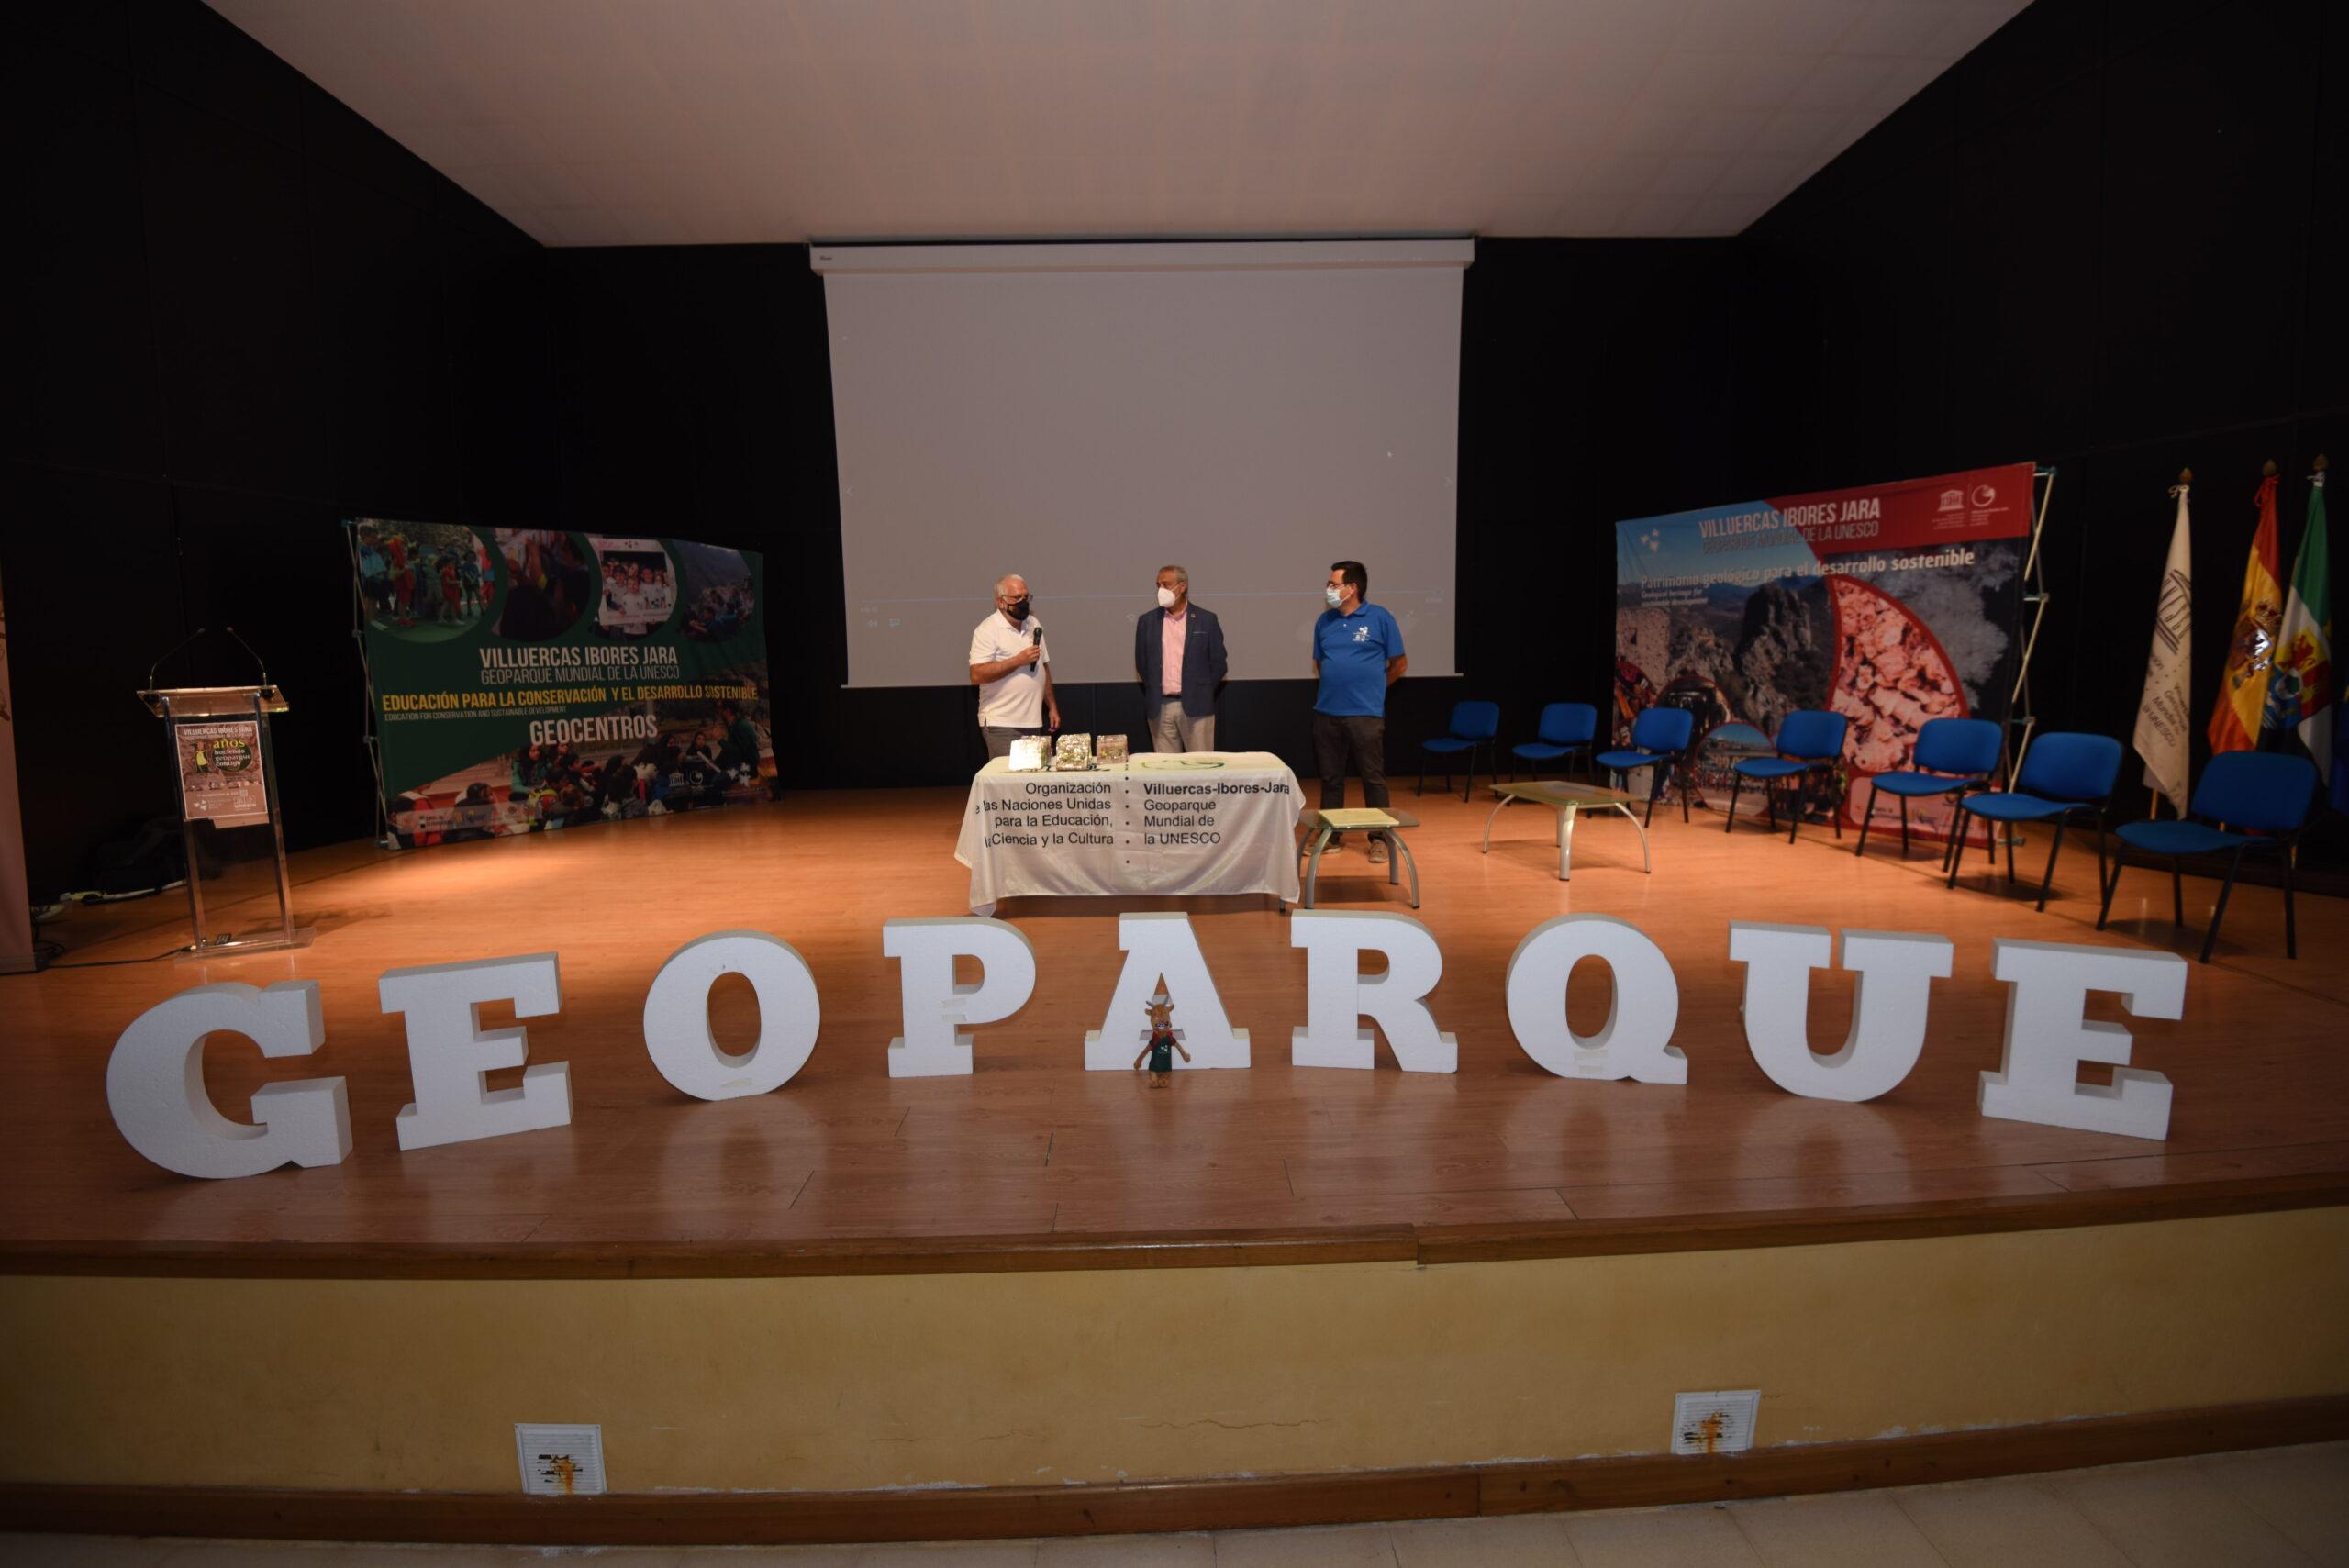 """El Geoparque Mundial Villuercas Ibores Jara celebra su X Aniversario en un consejo abierto y con el compromiso """"de seguir trabajando y sumando ideas innovadoras a la experiencia adquirida"""""""